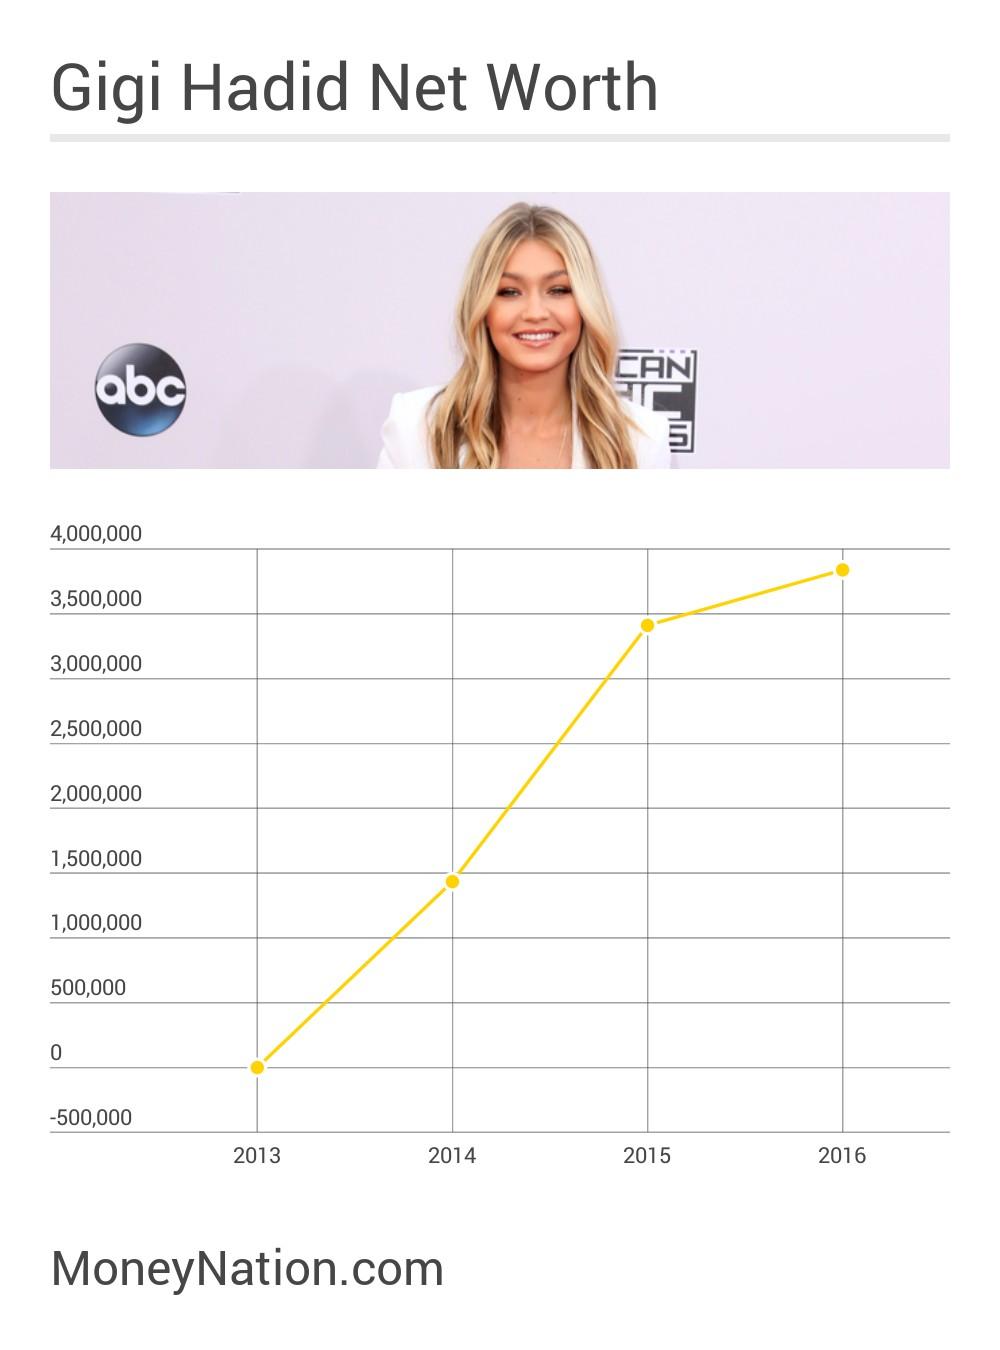 Gigi Hadid Net Worth Timeline